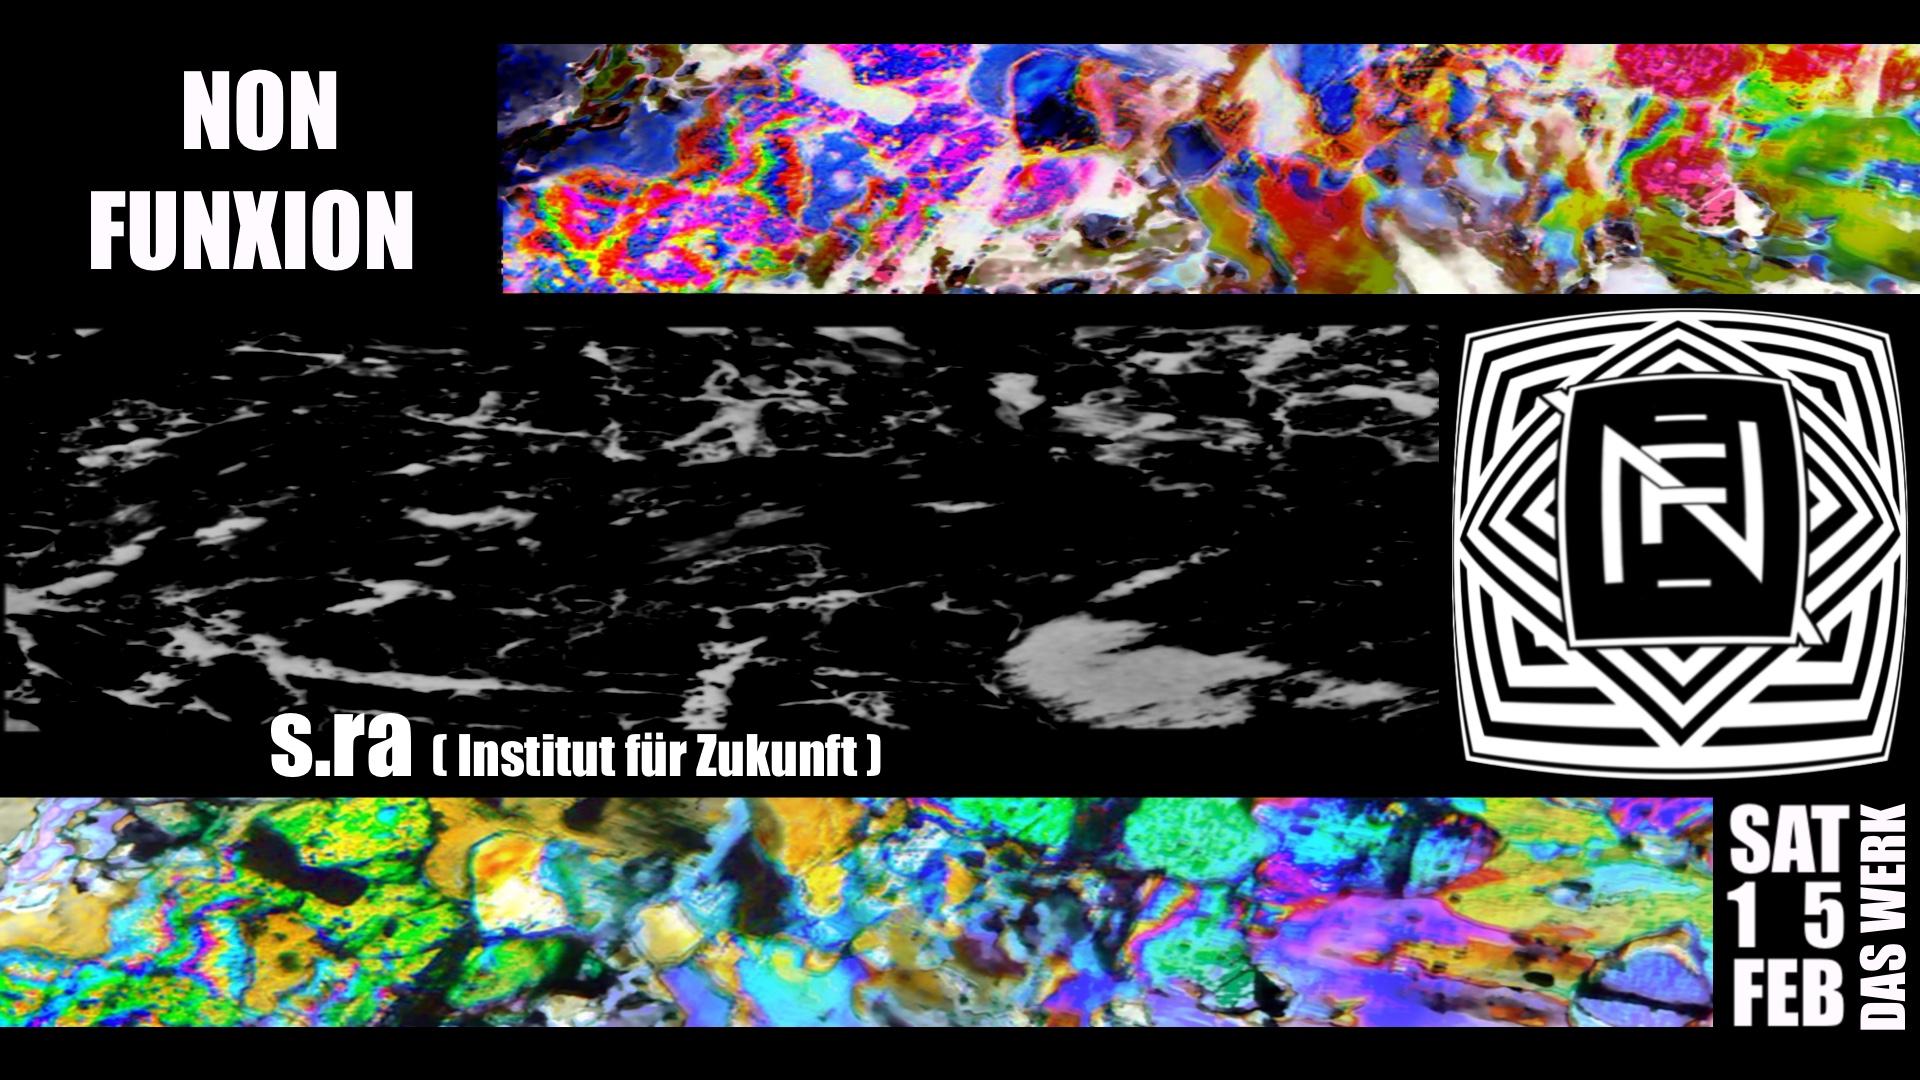 Non Funxion w// s.ra [Institut für Zukunft] am 15. February 2020 @ Das Werk.